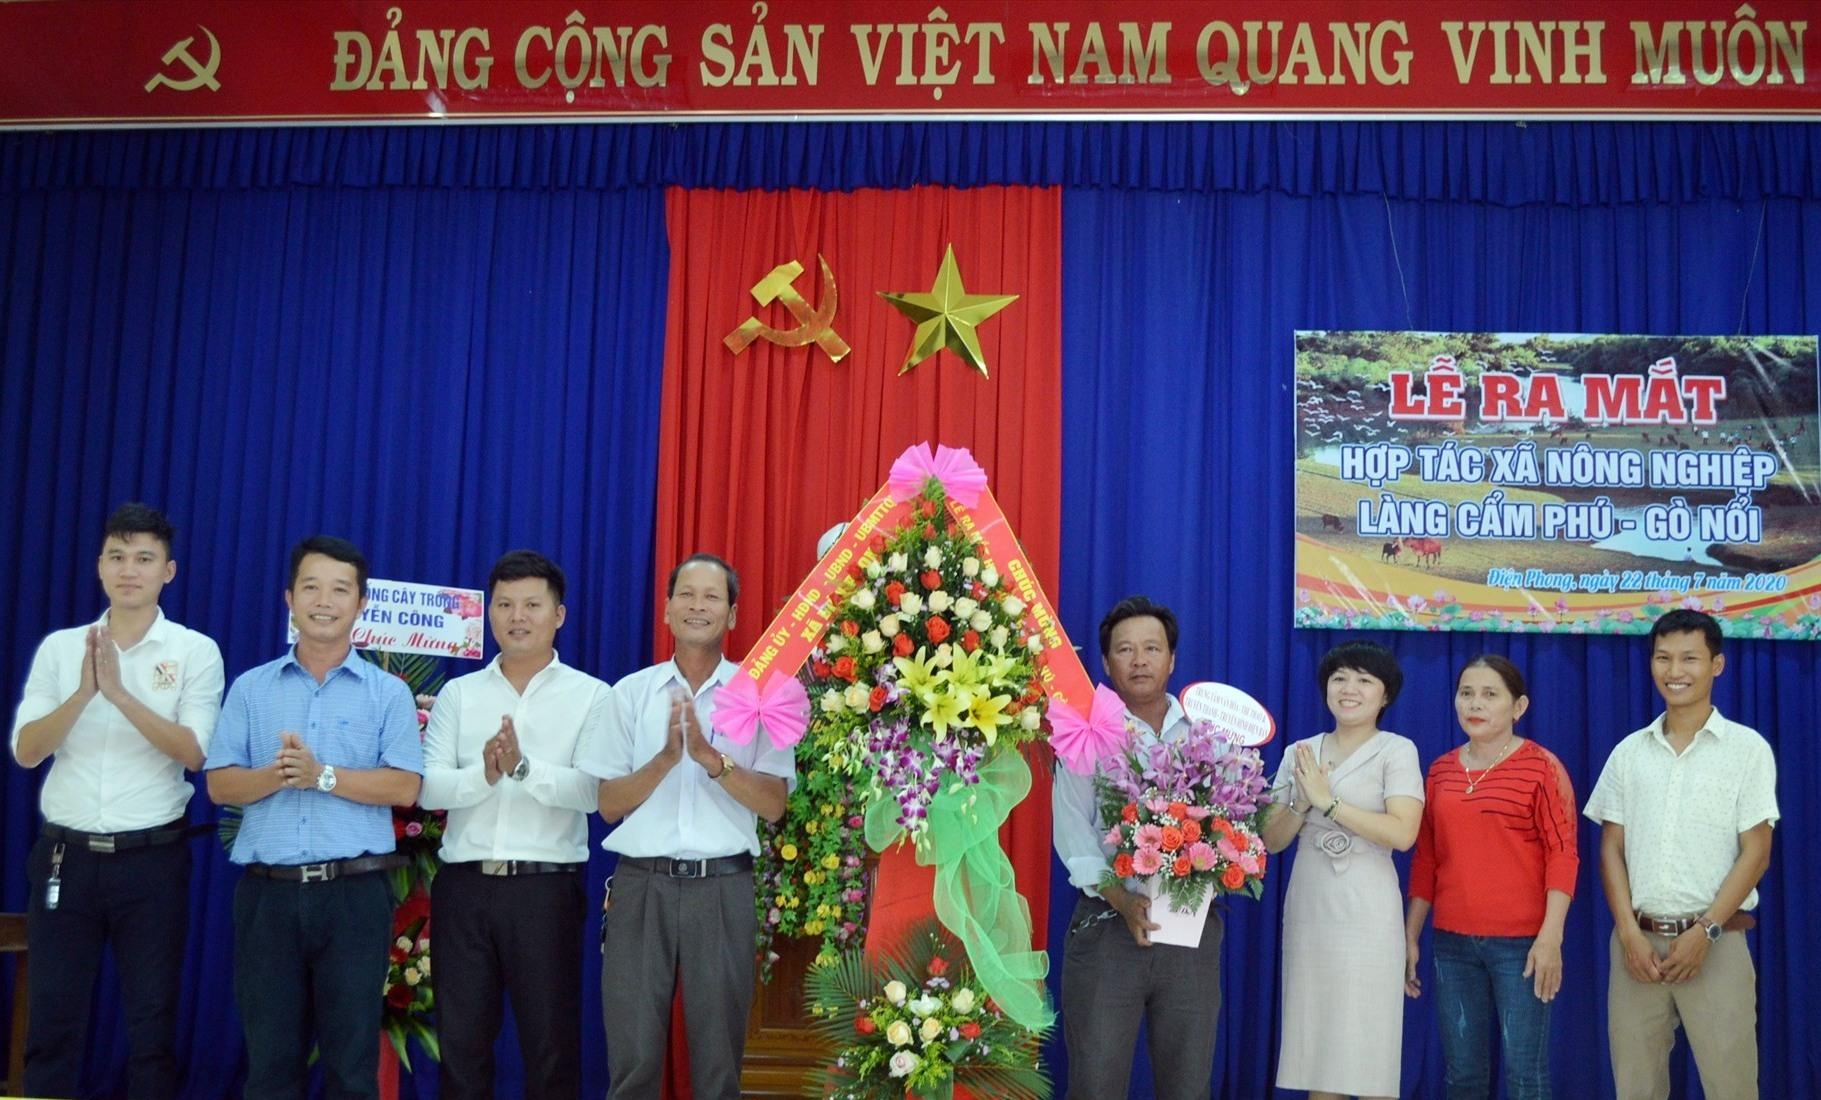 Ra mắt HTX Nông nghiệp làng Cẩm Phú - Gò Nổi. Ảnh: VĨNH LỘC